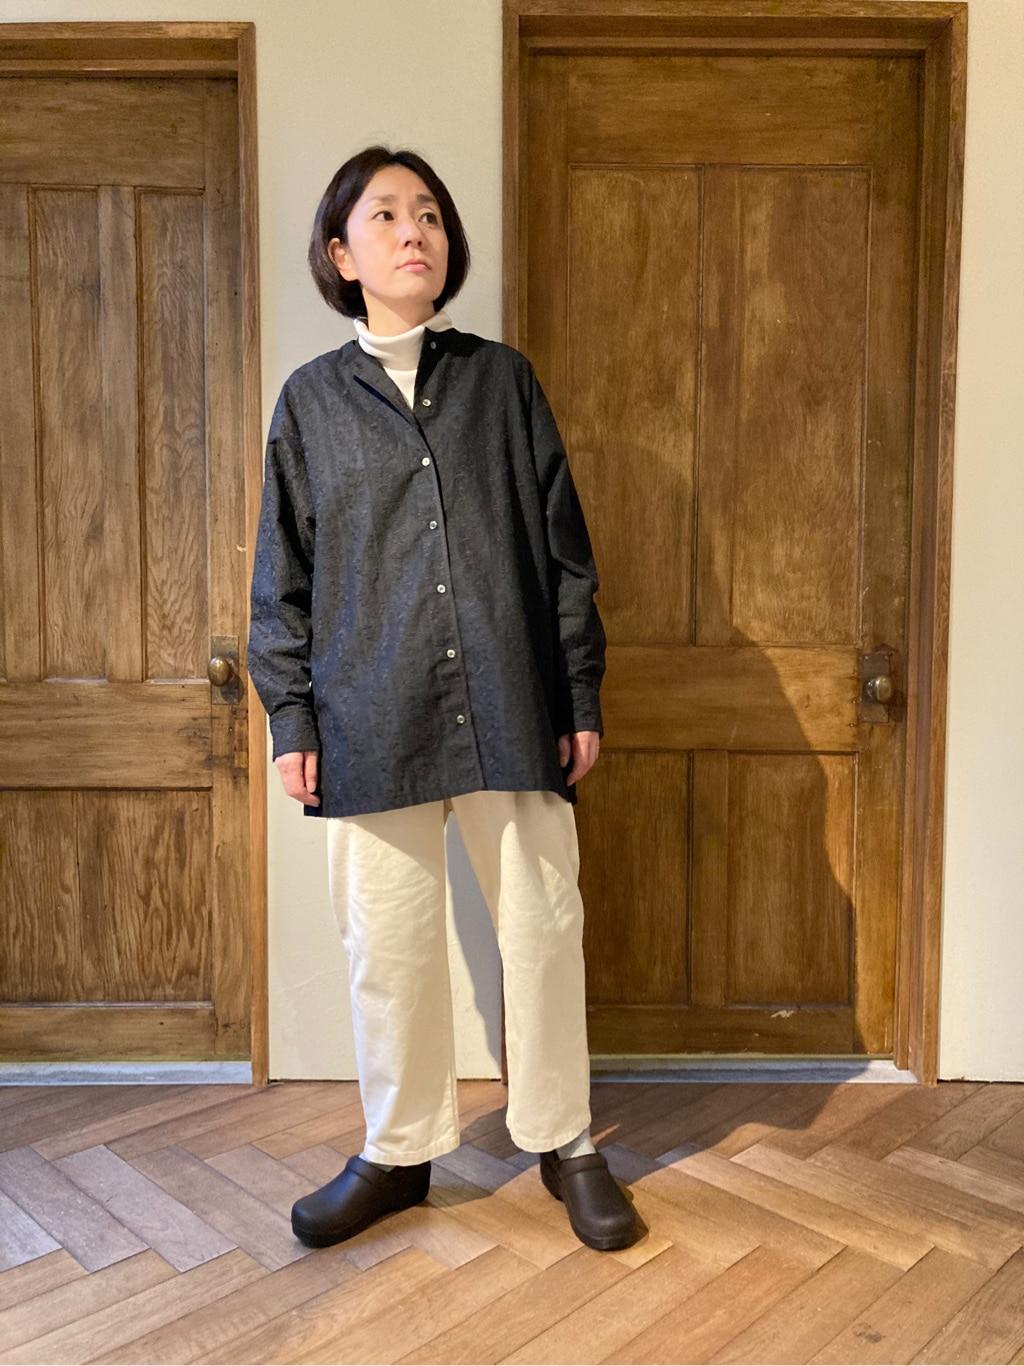 yuni 京都路面 身長:152cm 2020.12.15